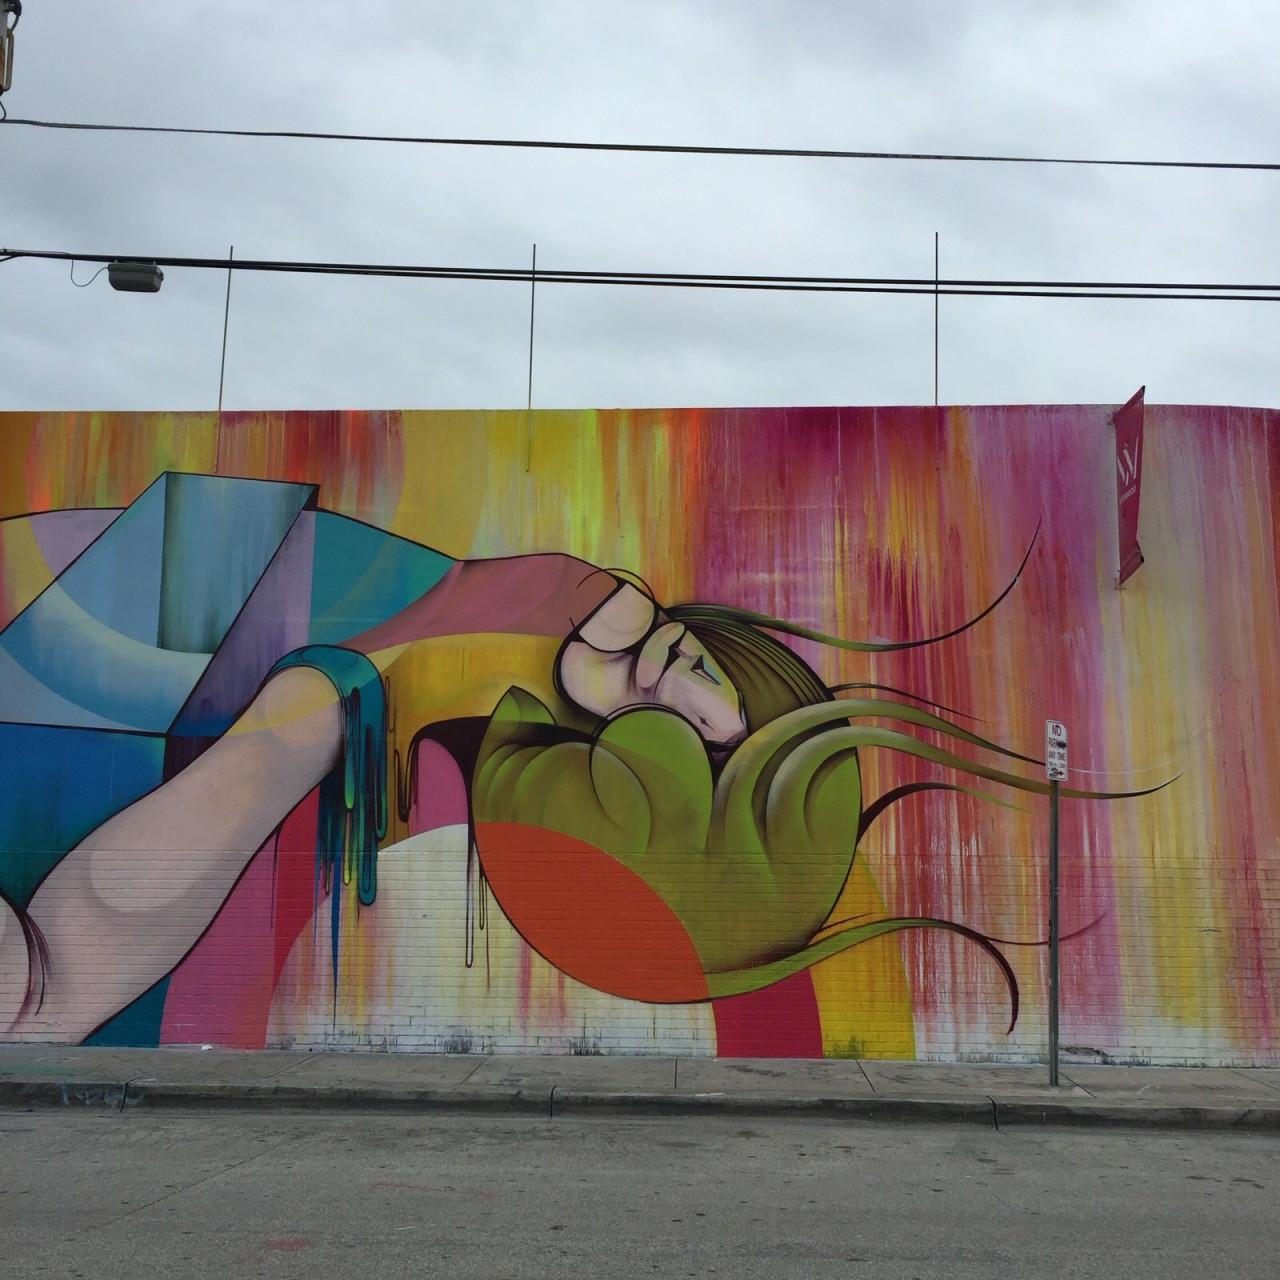 MIAMI - 2015 - WYNWOOD